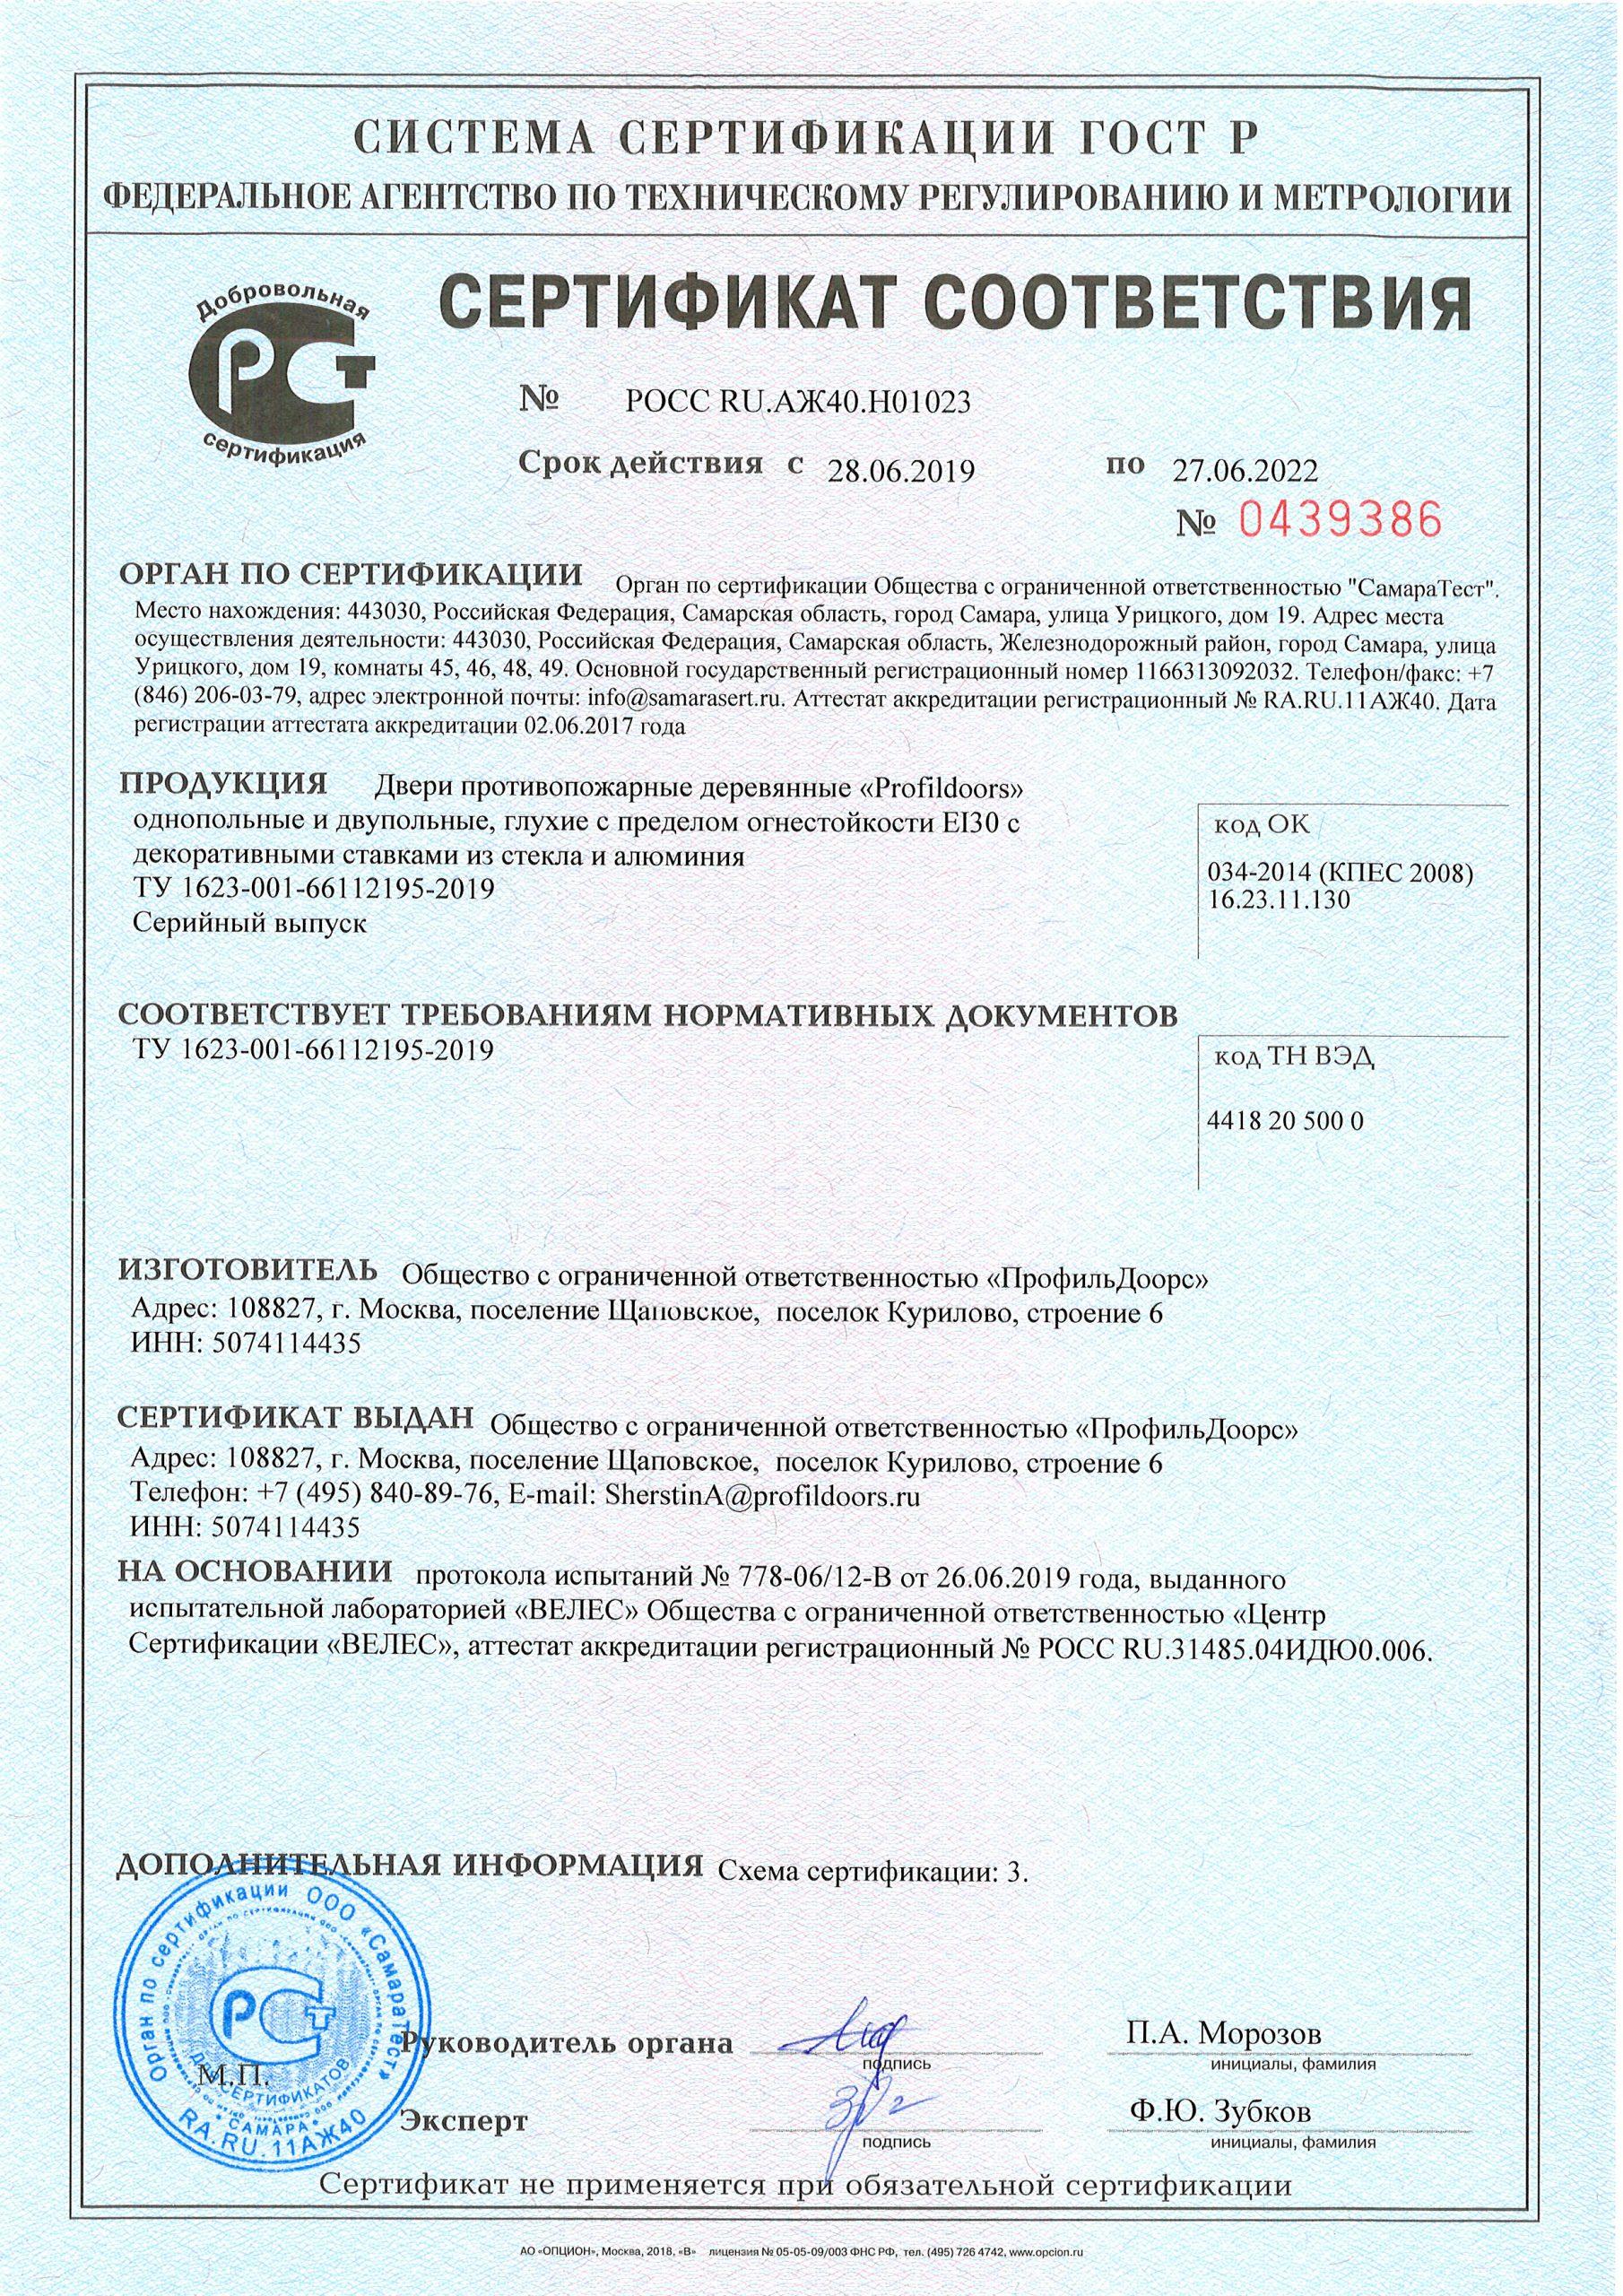 Сертификат противопожарный 2